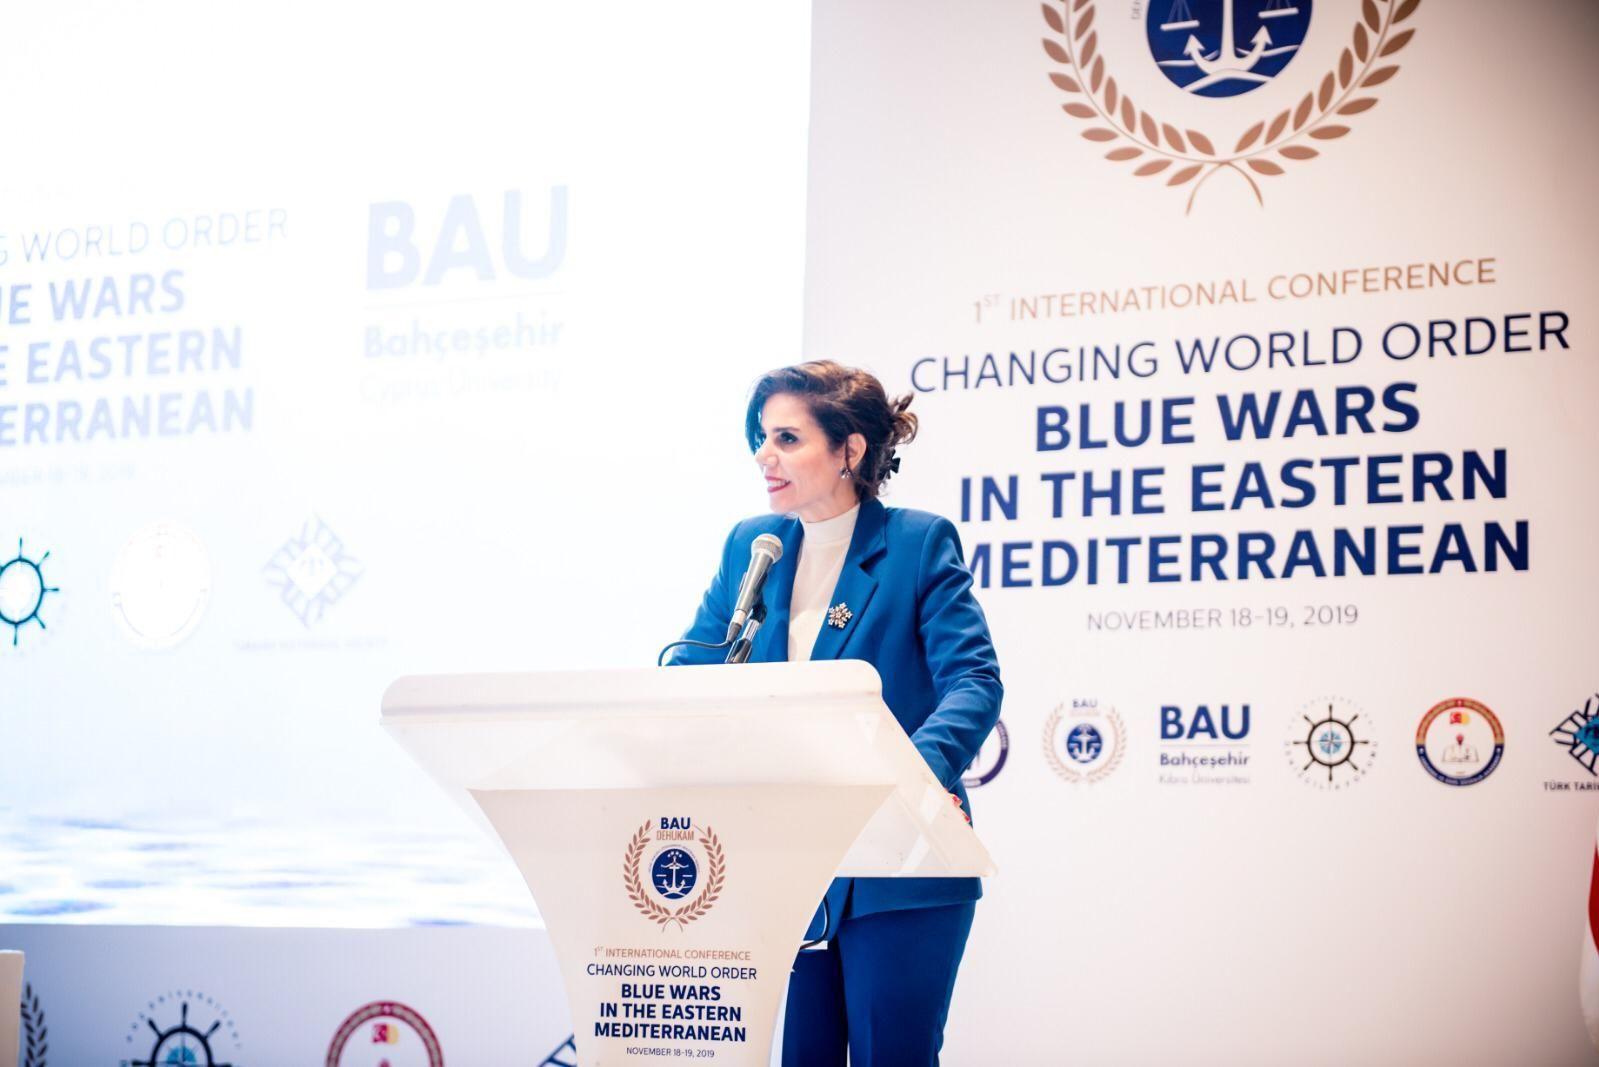 """Bahçeşehir Kıbrıs Üniversitesi, Deniz Hukuku Uygulama ve Araştırma Merkezi (BAU-DEHUKA) Direktörü Dr. Emete Gözügüzelli """"Güney Kıbrıs, İsrail, Yunanistan'ın öncüsü olduğu EastMED boru hat projeleri sadece bir hayaldir. Zira bölgede Türkiye dahil edilmeksizin herhangi bir adım atmaları mümkün değildir"""" dedi."""